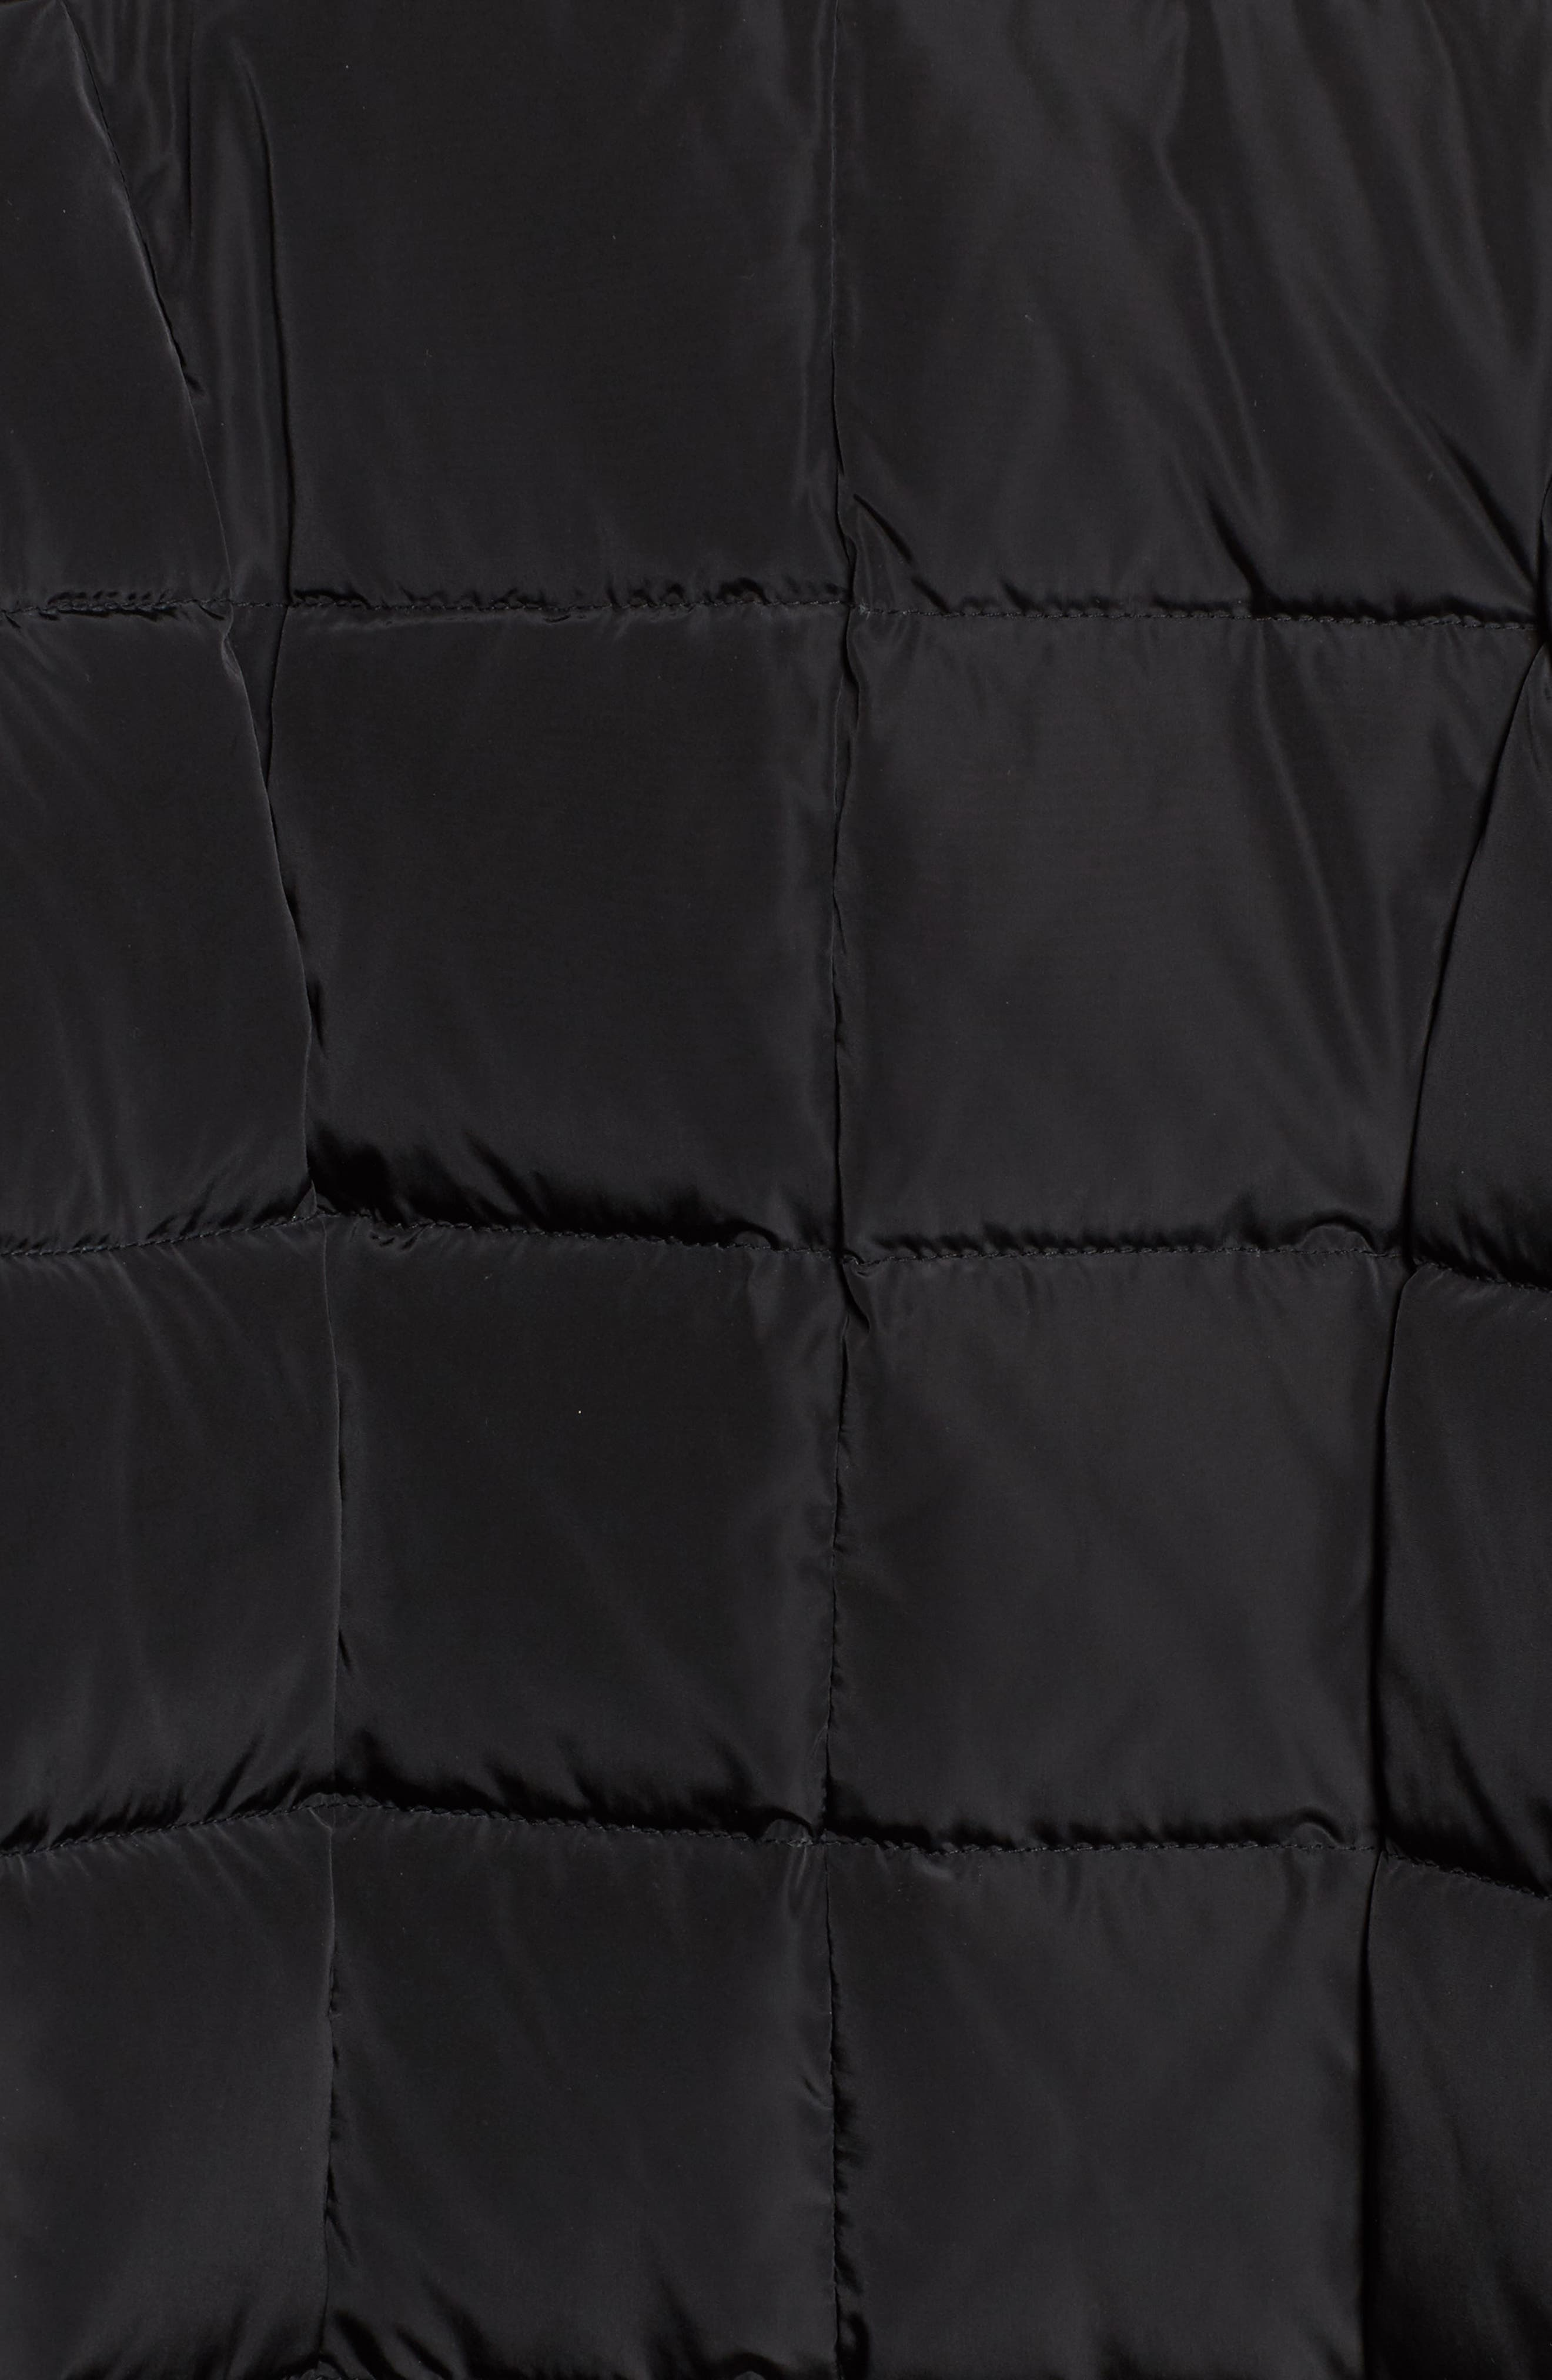 Down Coat with Faux Fur Trim,                             Alternate thumbnail 11, color,